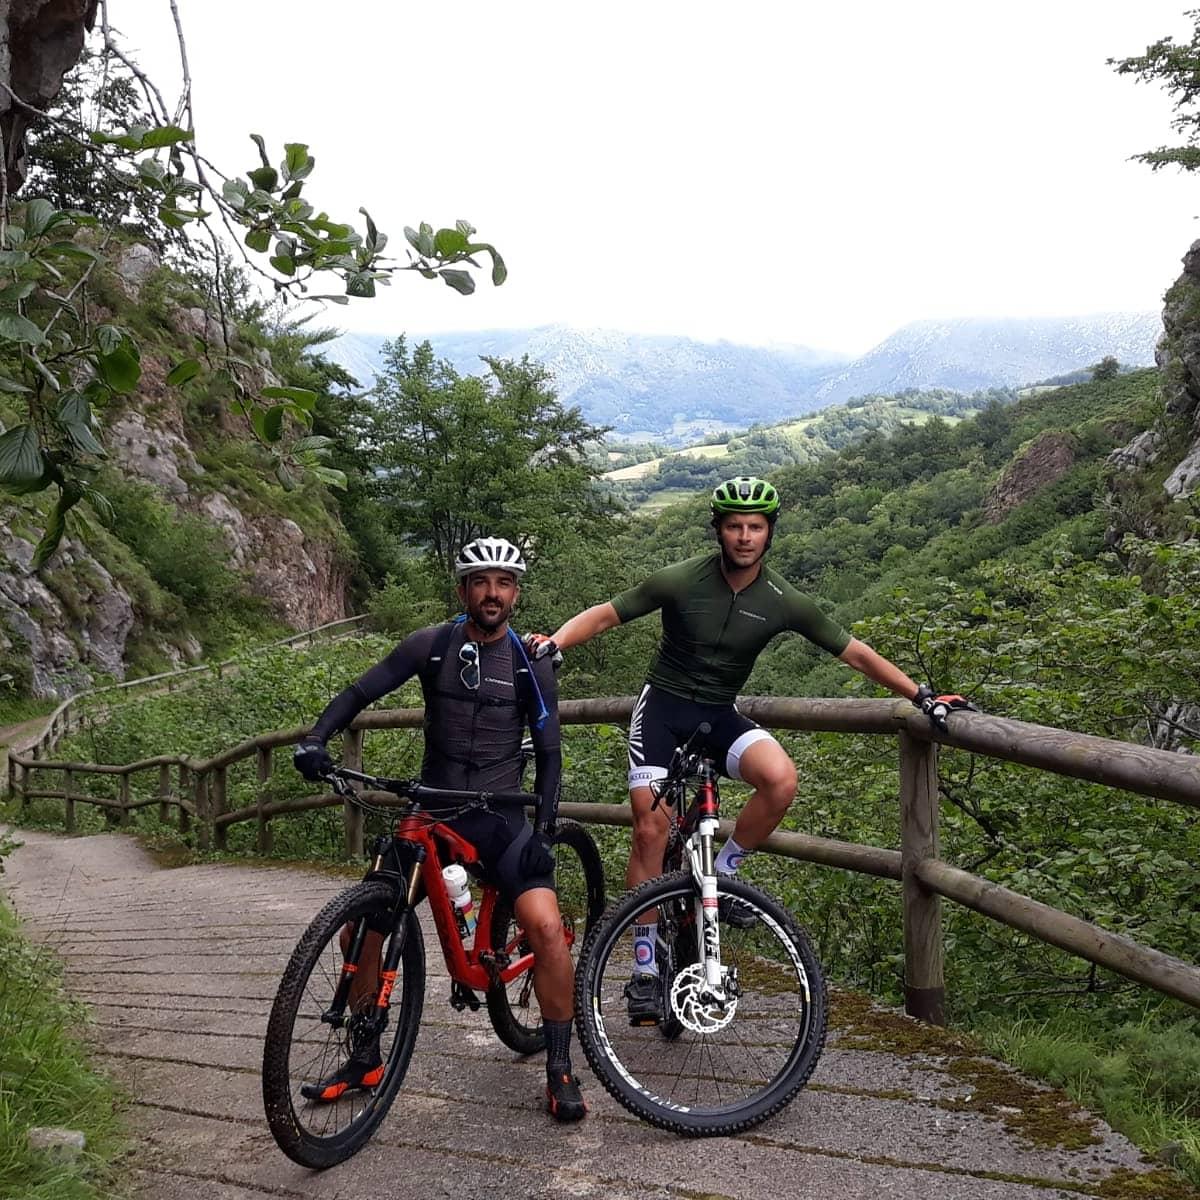 Disfrutando del Parque Natural de Redes en MTB con buena gente 🚴🏞✌ #asturiasparaisonatural #veranoenasturias #Orbea #RudyProject #226ers https://t.co/J0pZDCMdbv